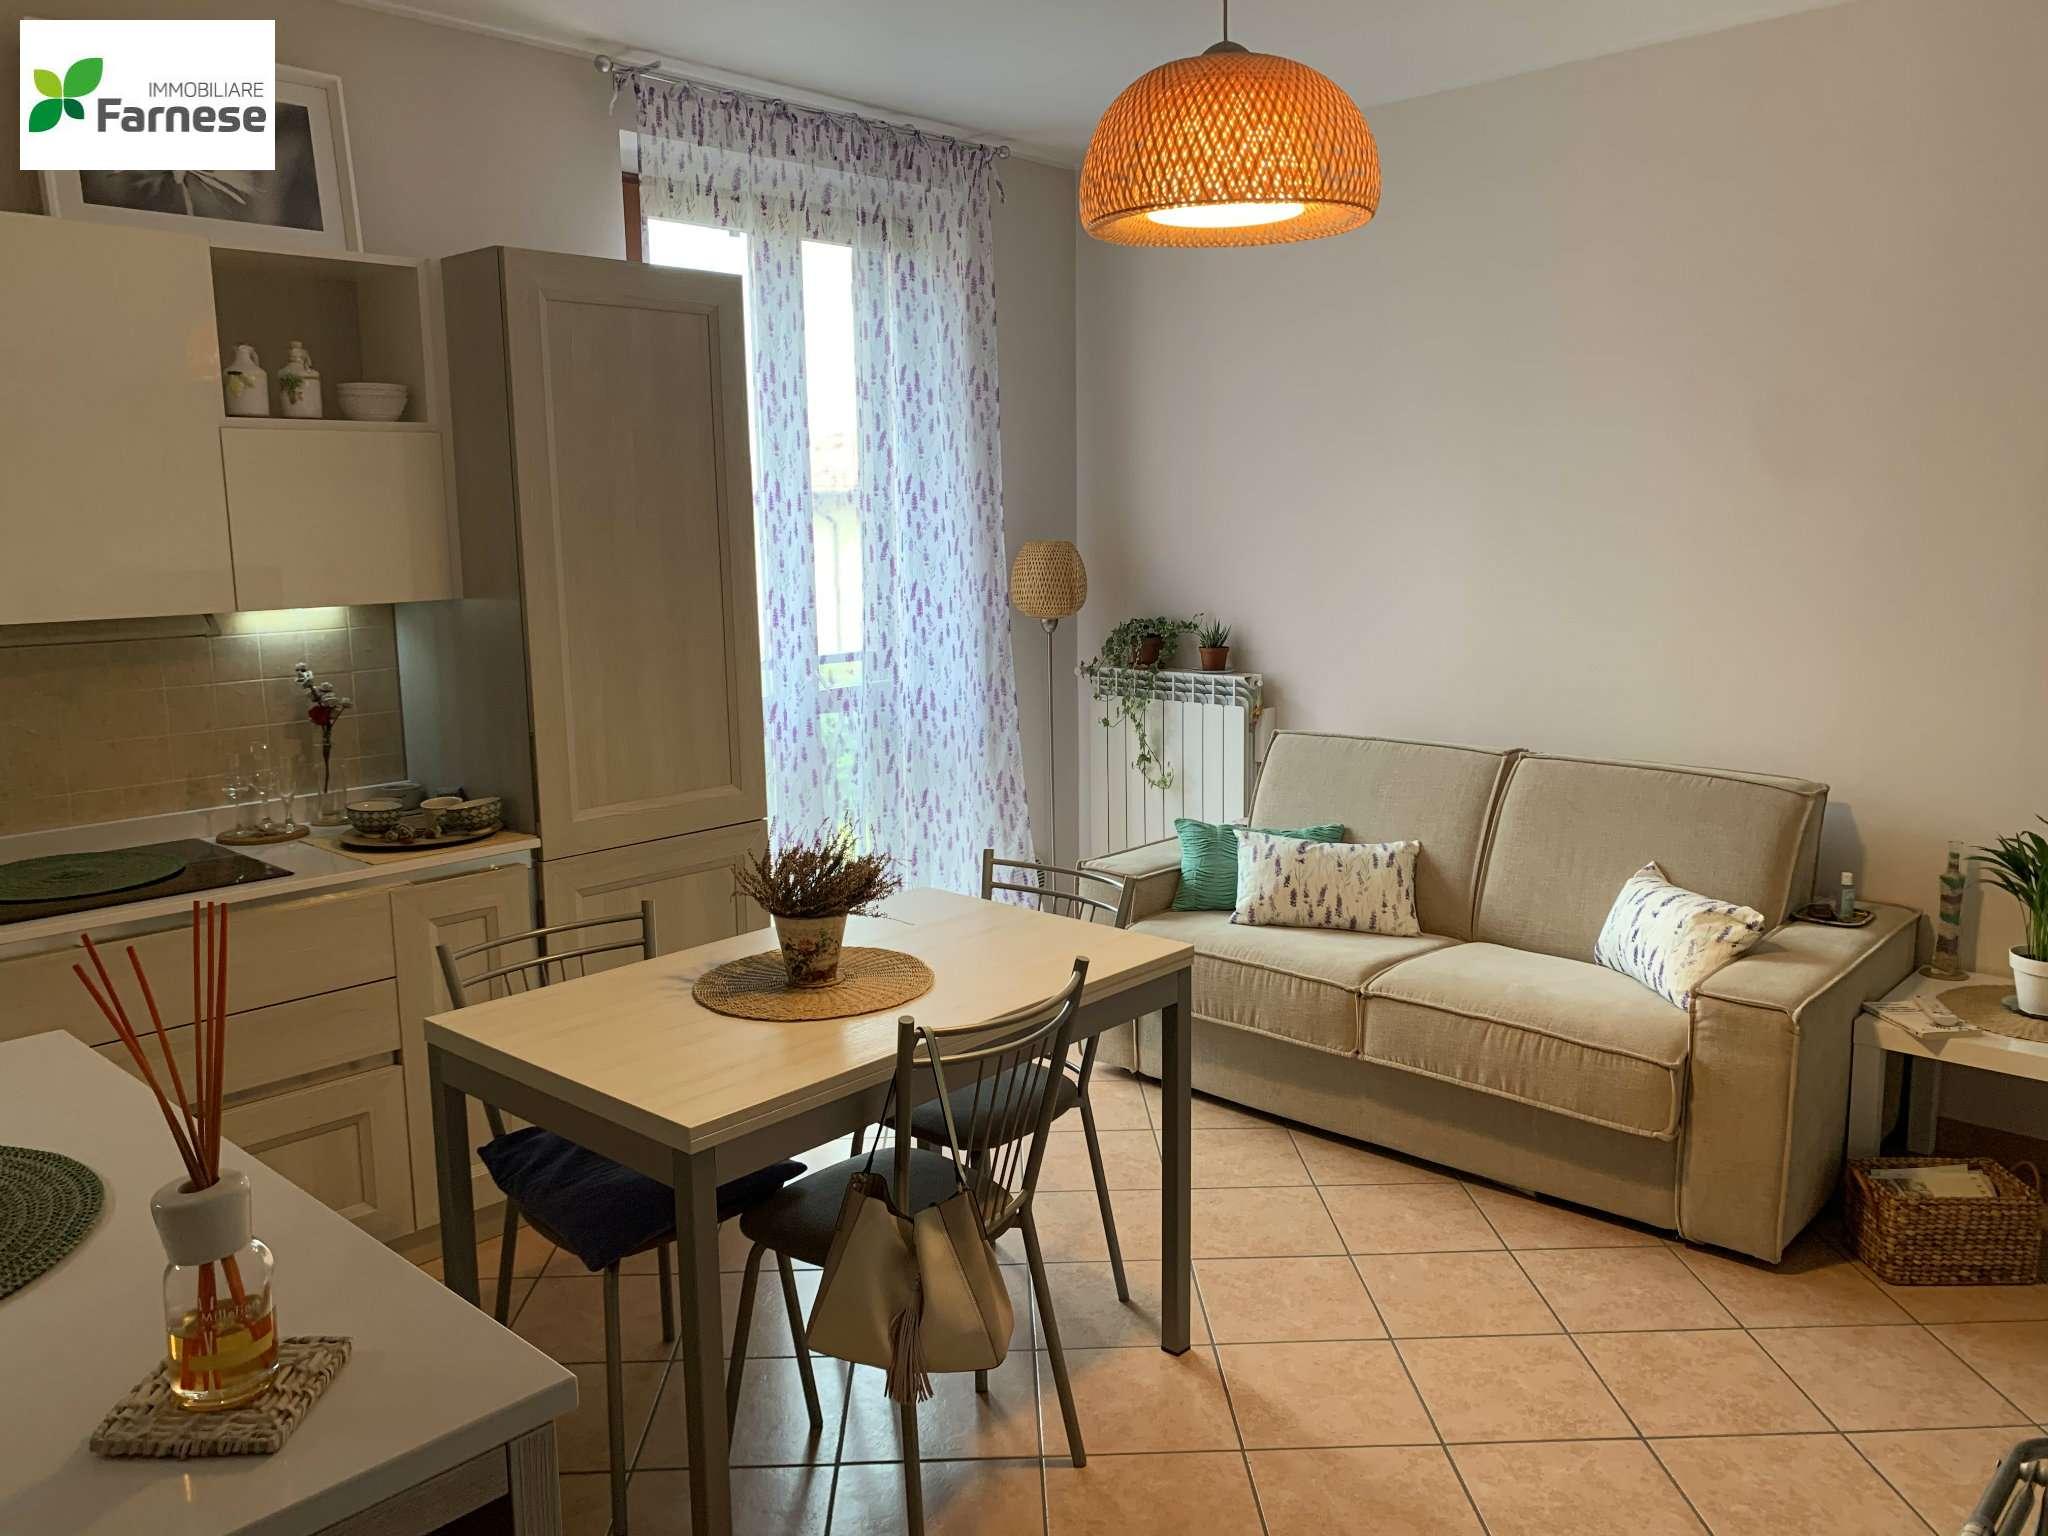 Appartamento in vendita a Gossolengo, 2 locali, prezzo € 102.000 | PortaleAgenzieImmobiliari.it